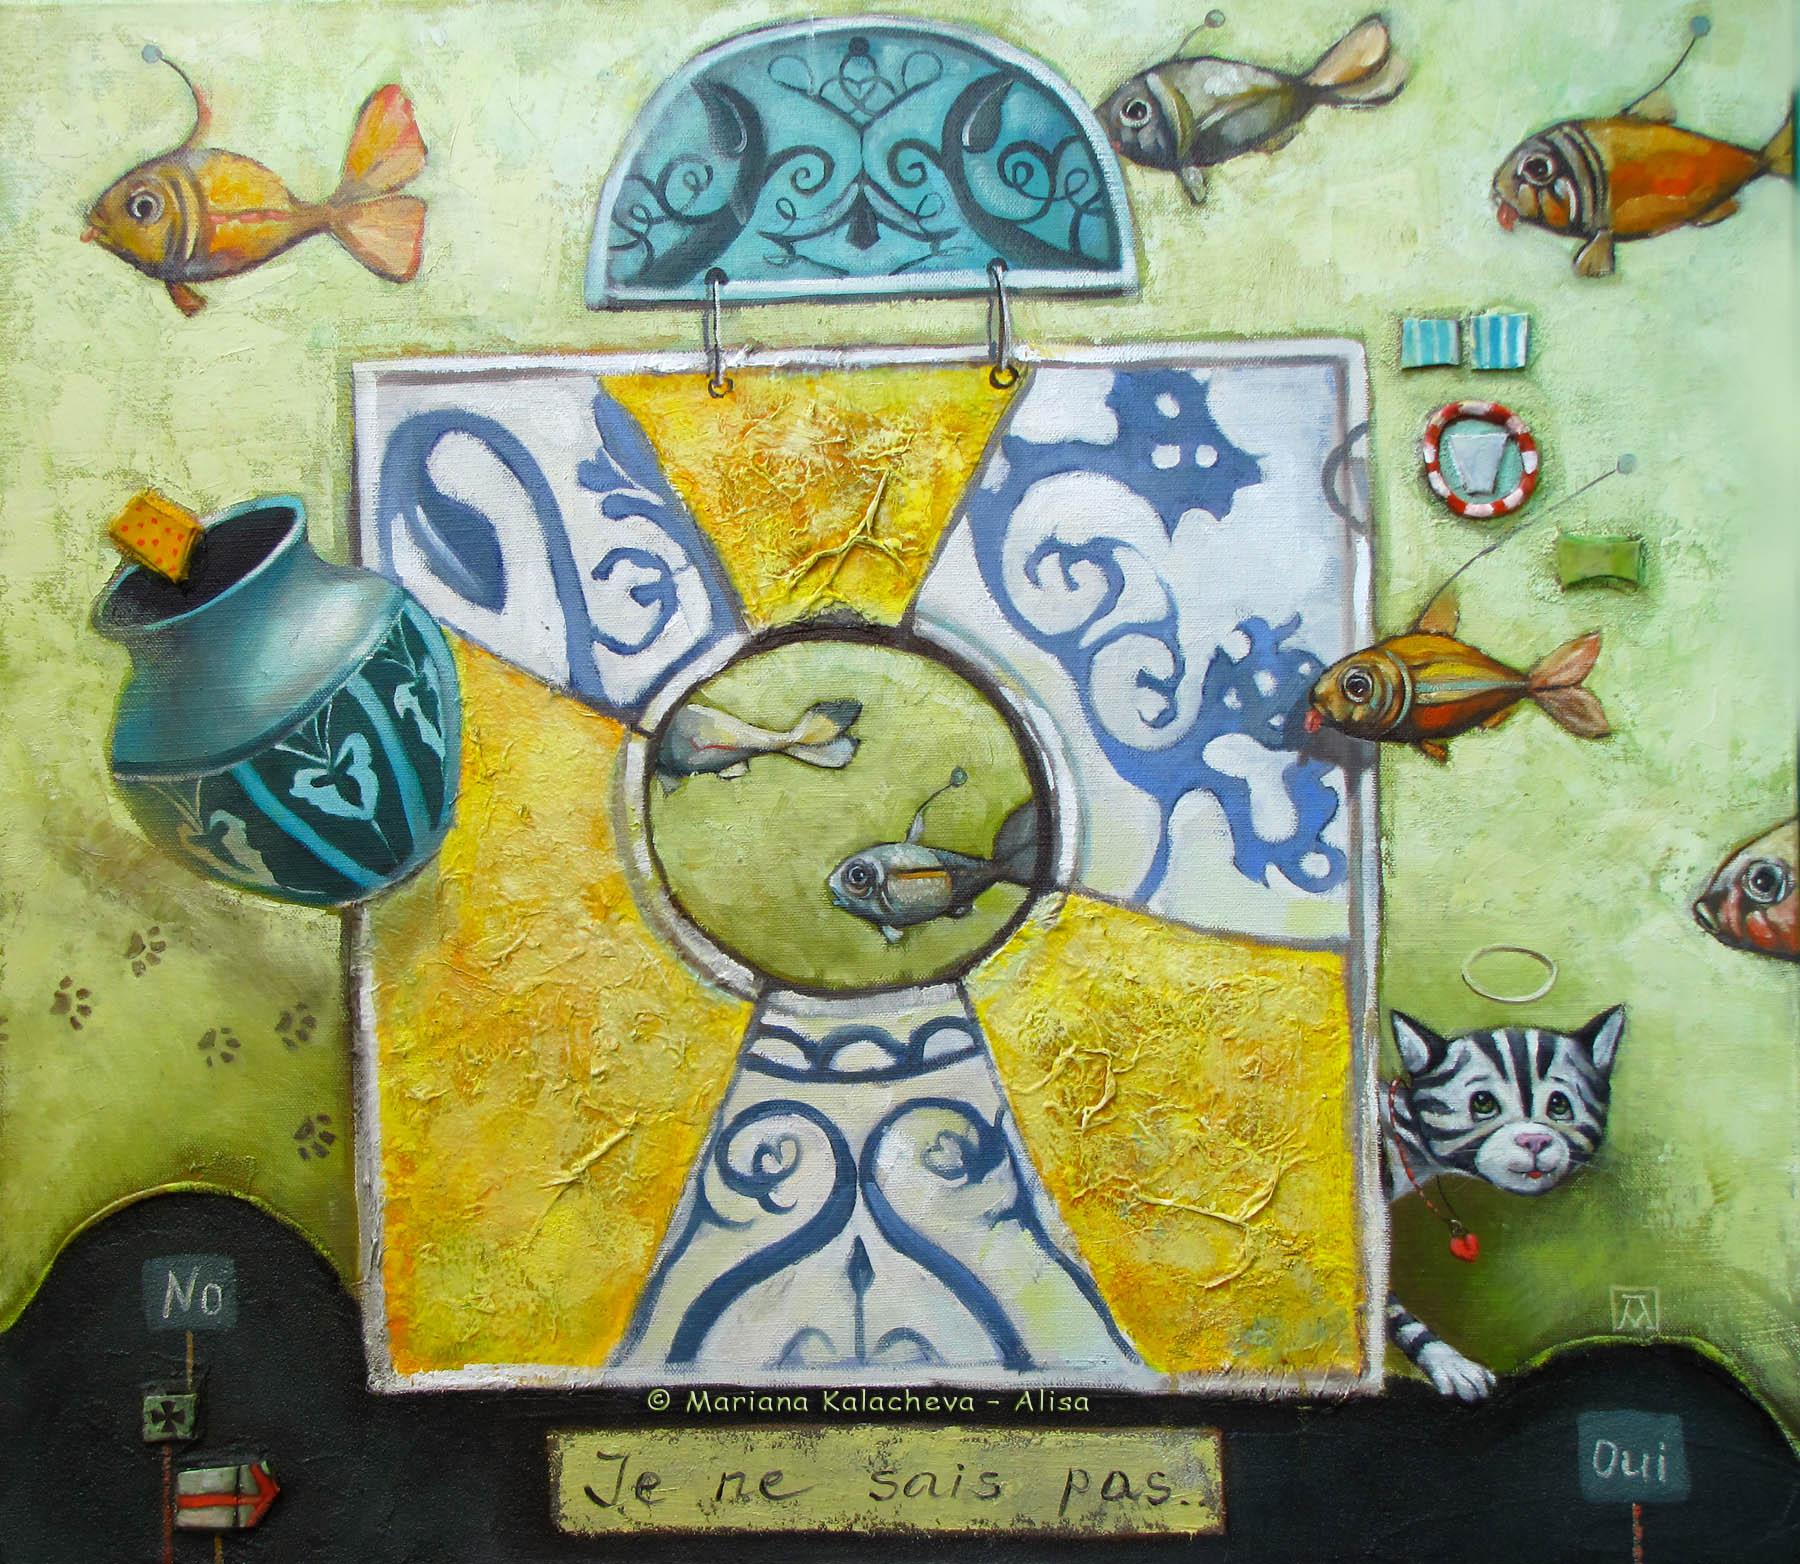 Fine art painting by Mariana Kalacheva